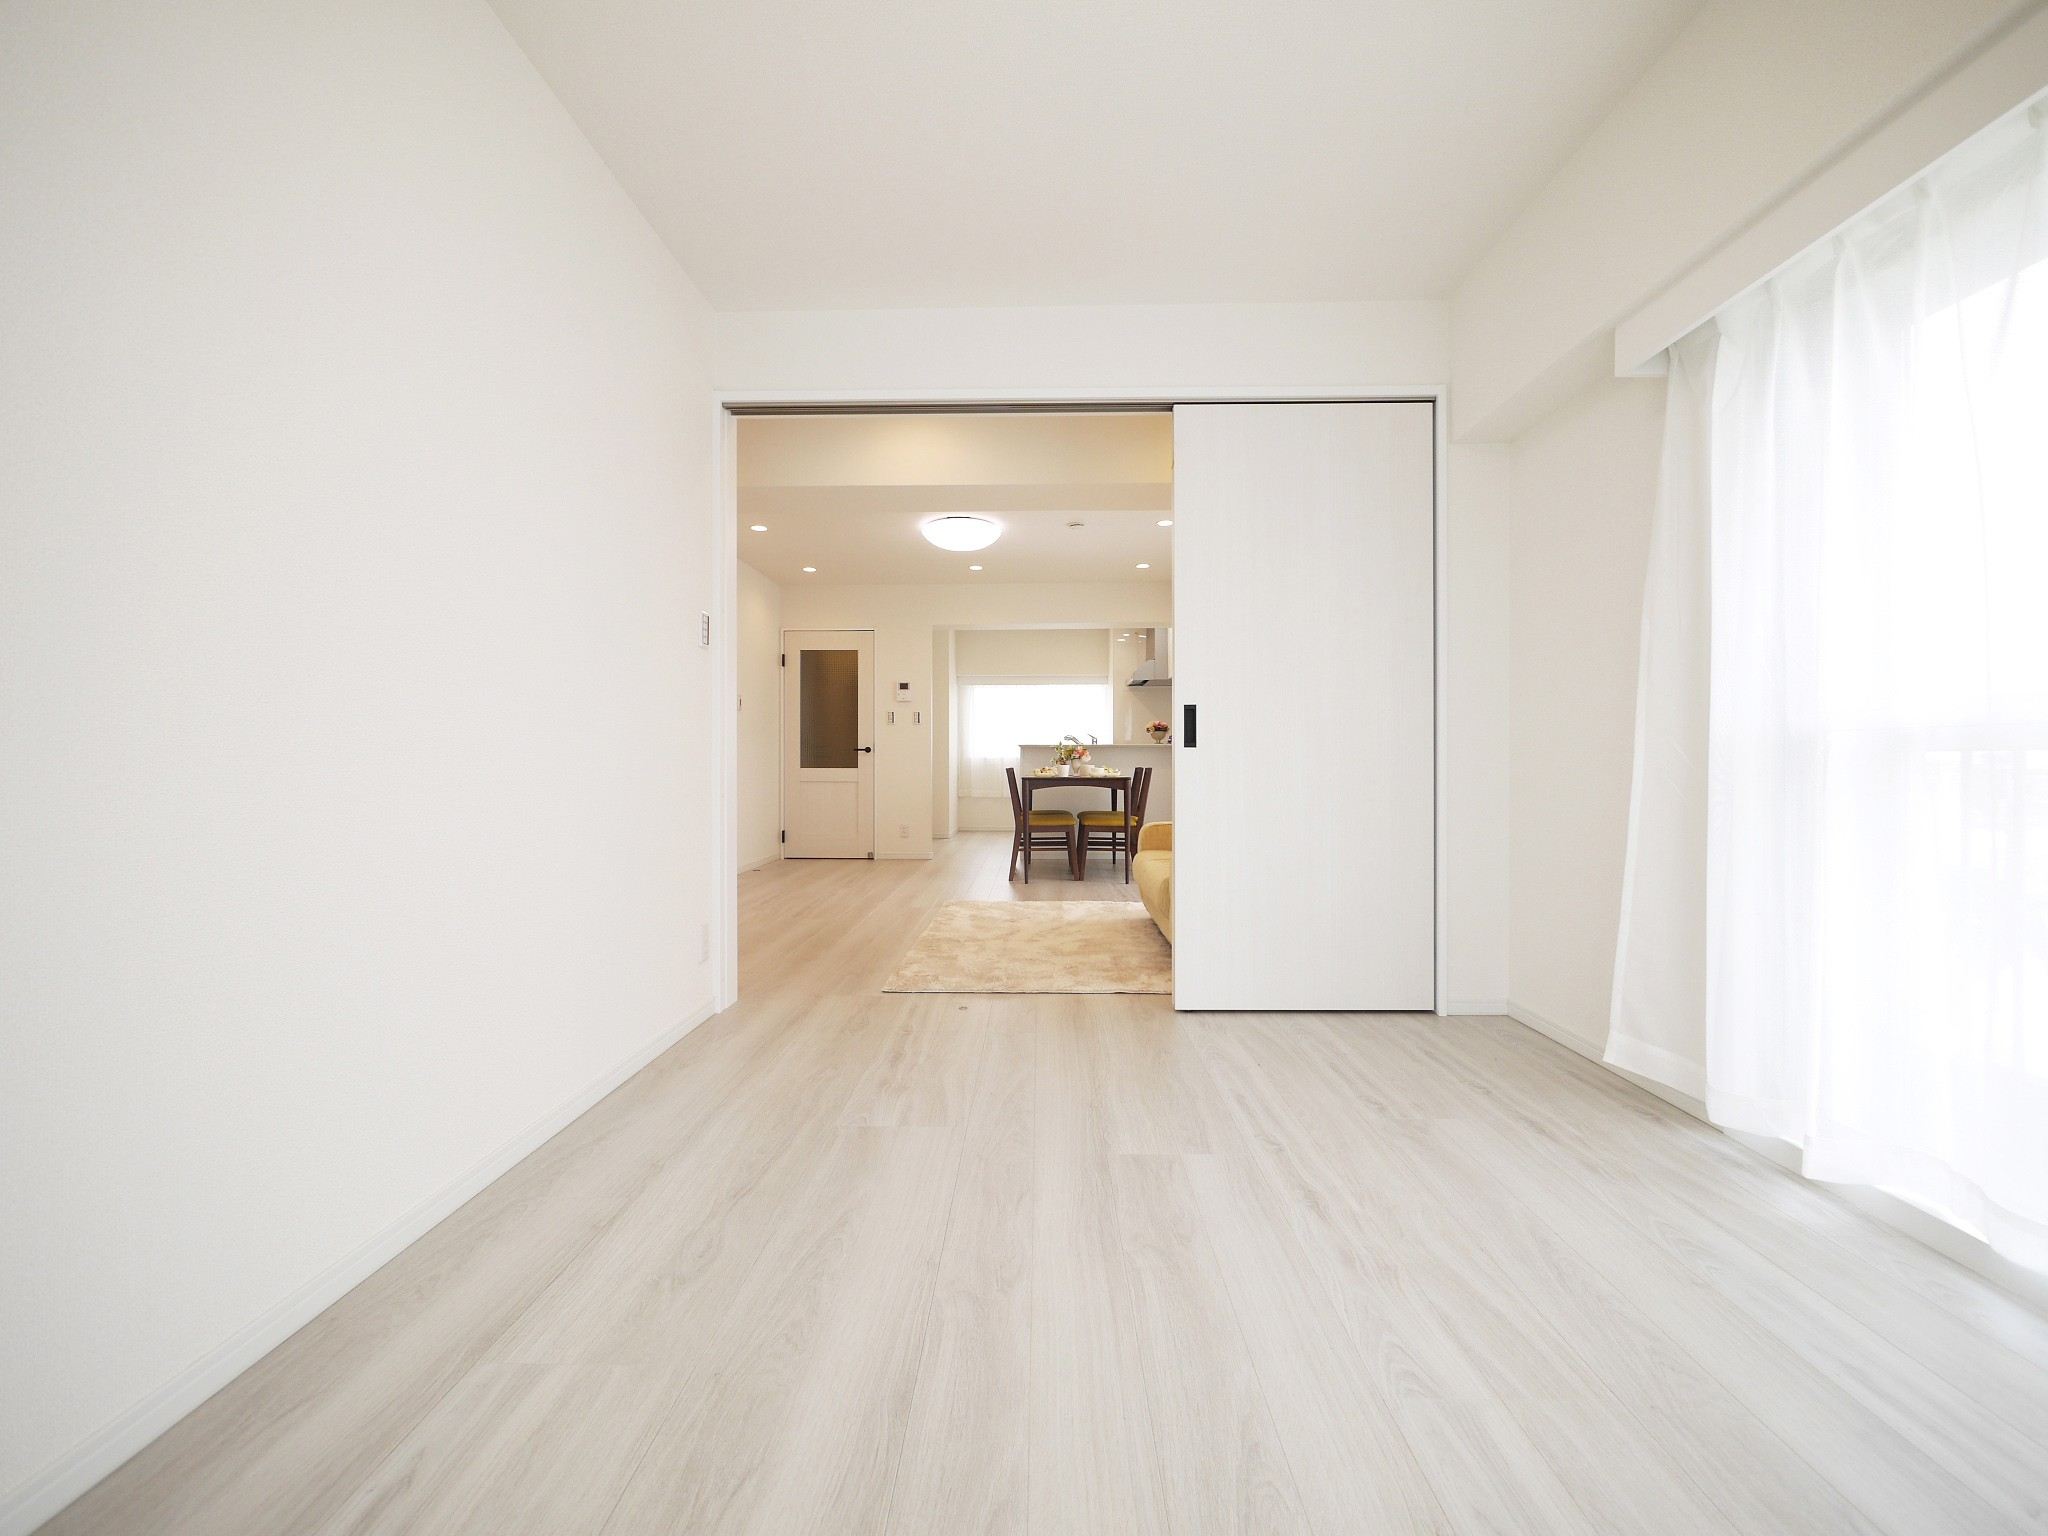 その他事例:引き戸の洋室(白を基調とした開放感ある3LDK)